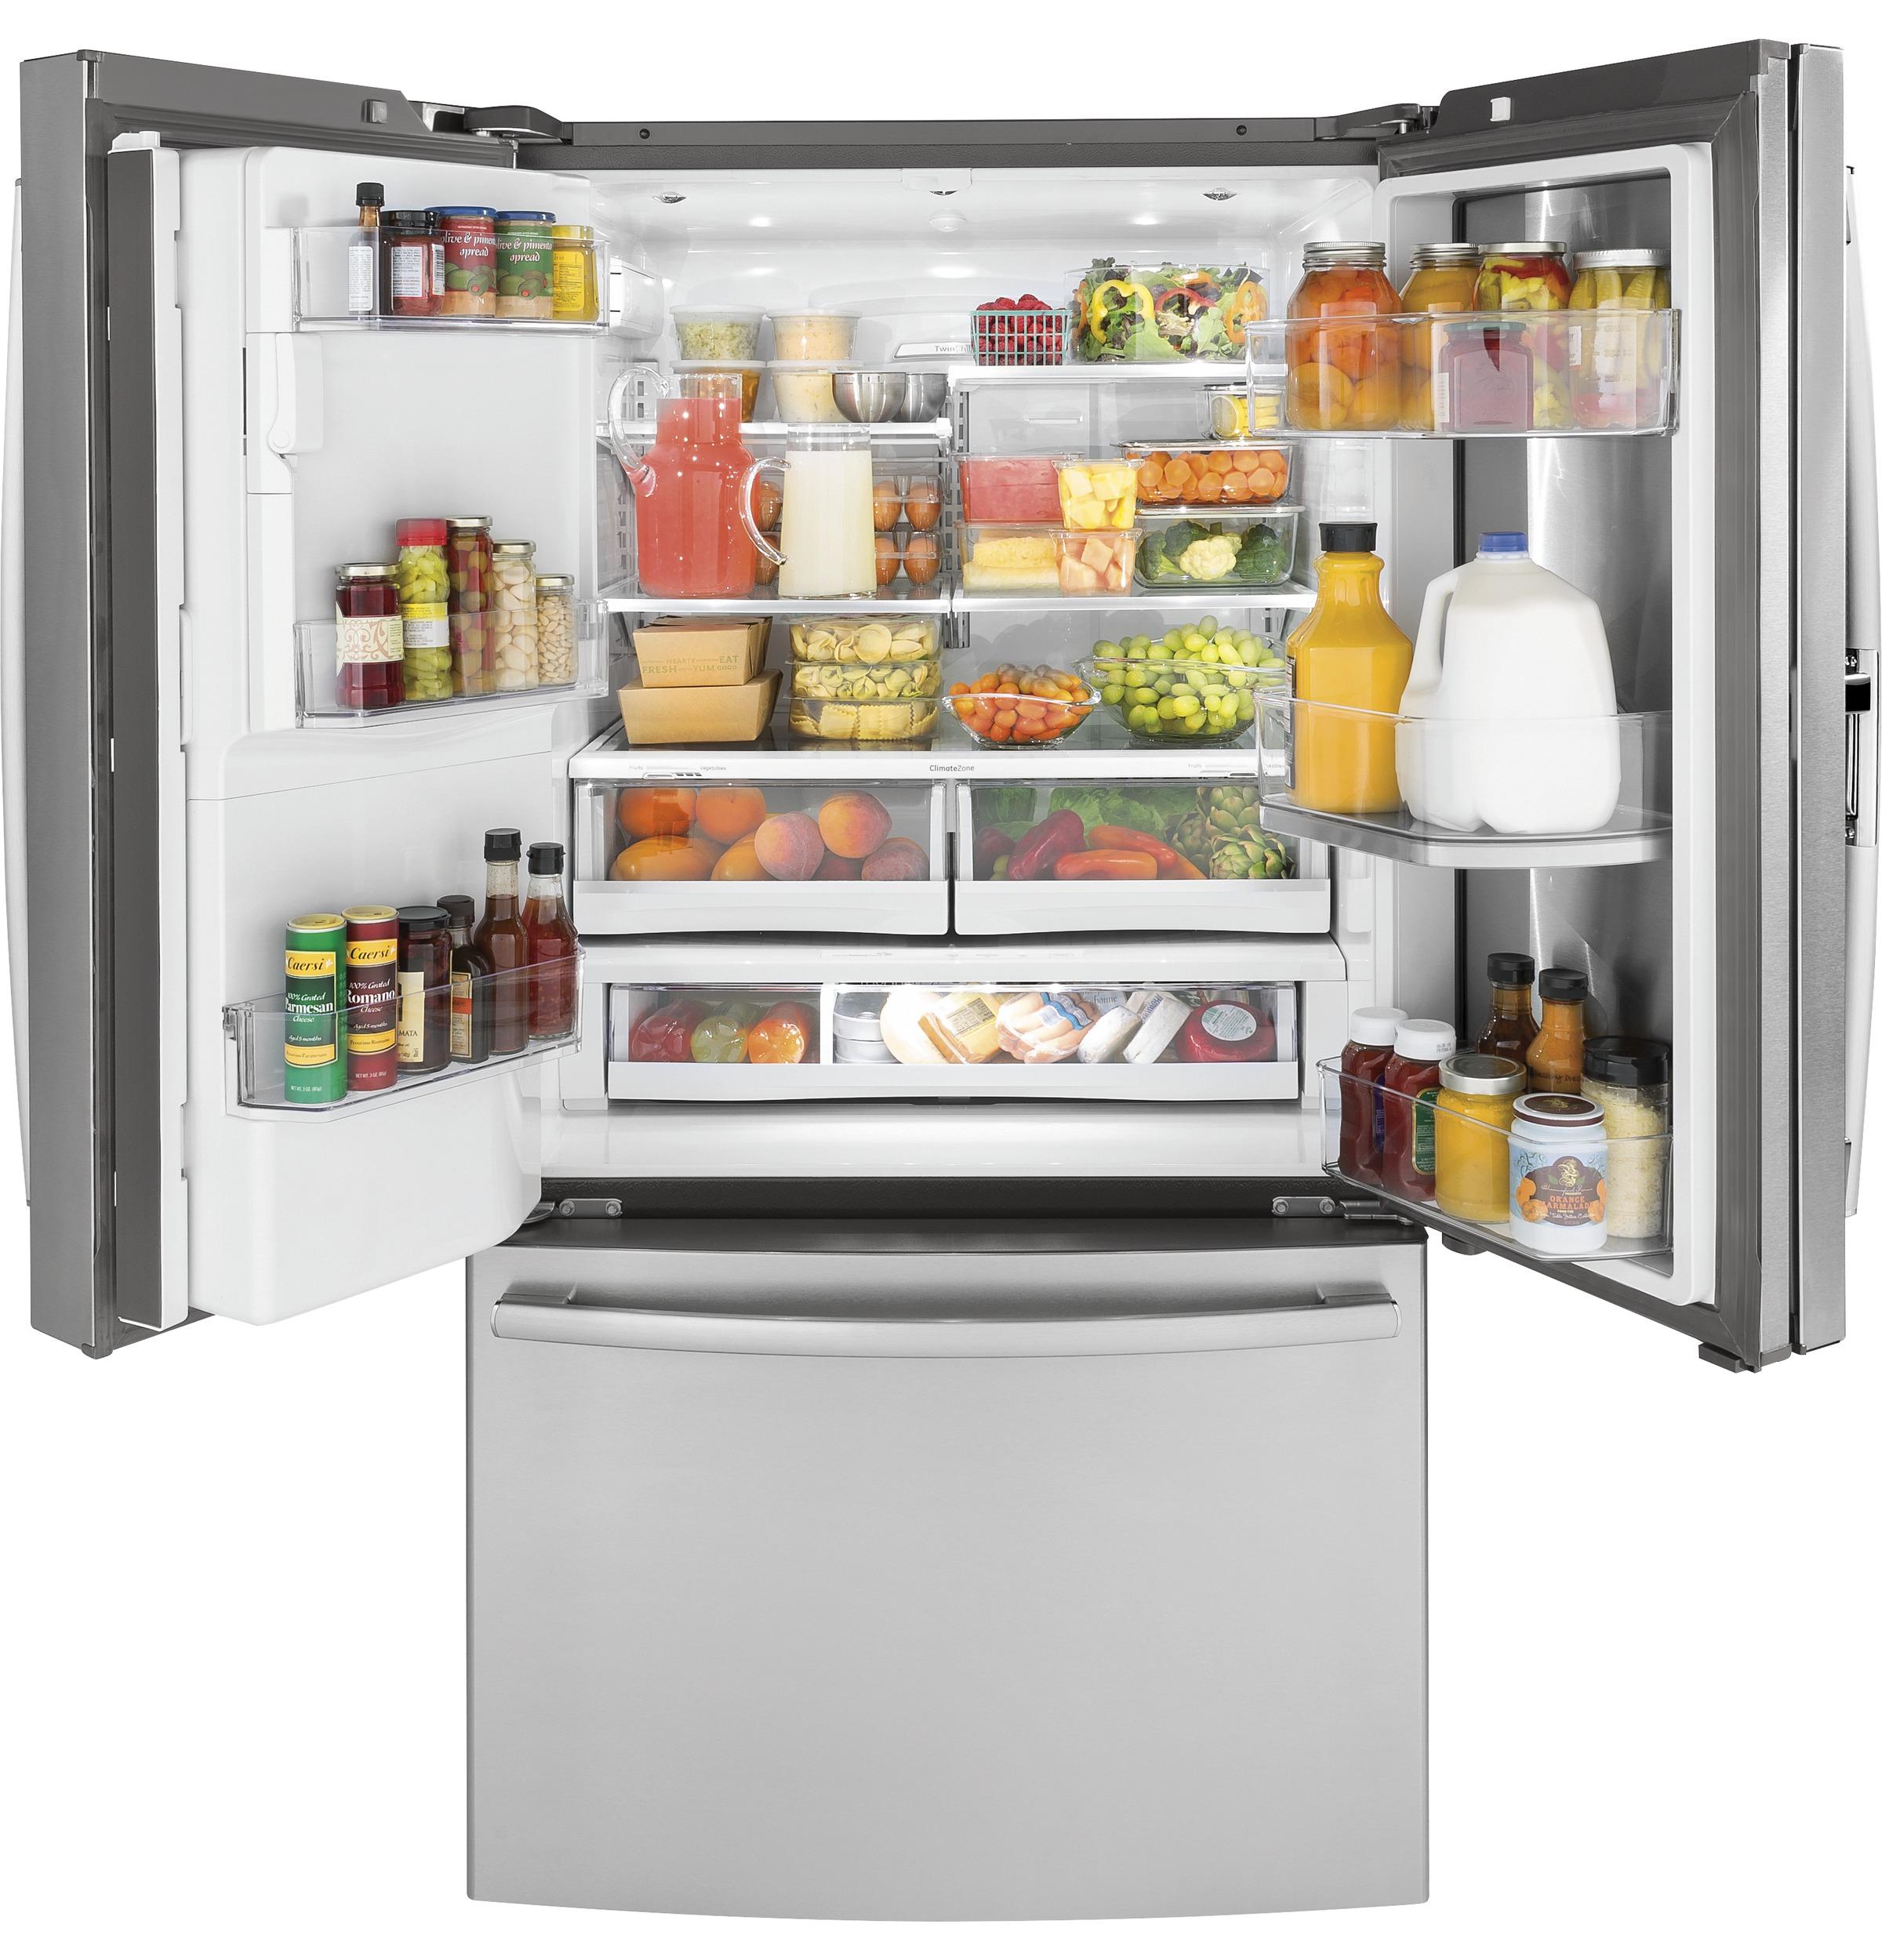 Model: PYD22KSLSS | GE Profile™ Series 22.2 Cu. Ft. Counter-Depth French-Door Refrigerator with Door In Door and Hands-Free AutoFill